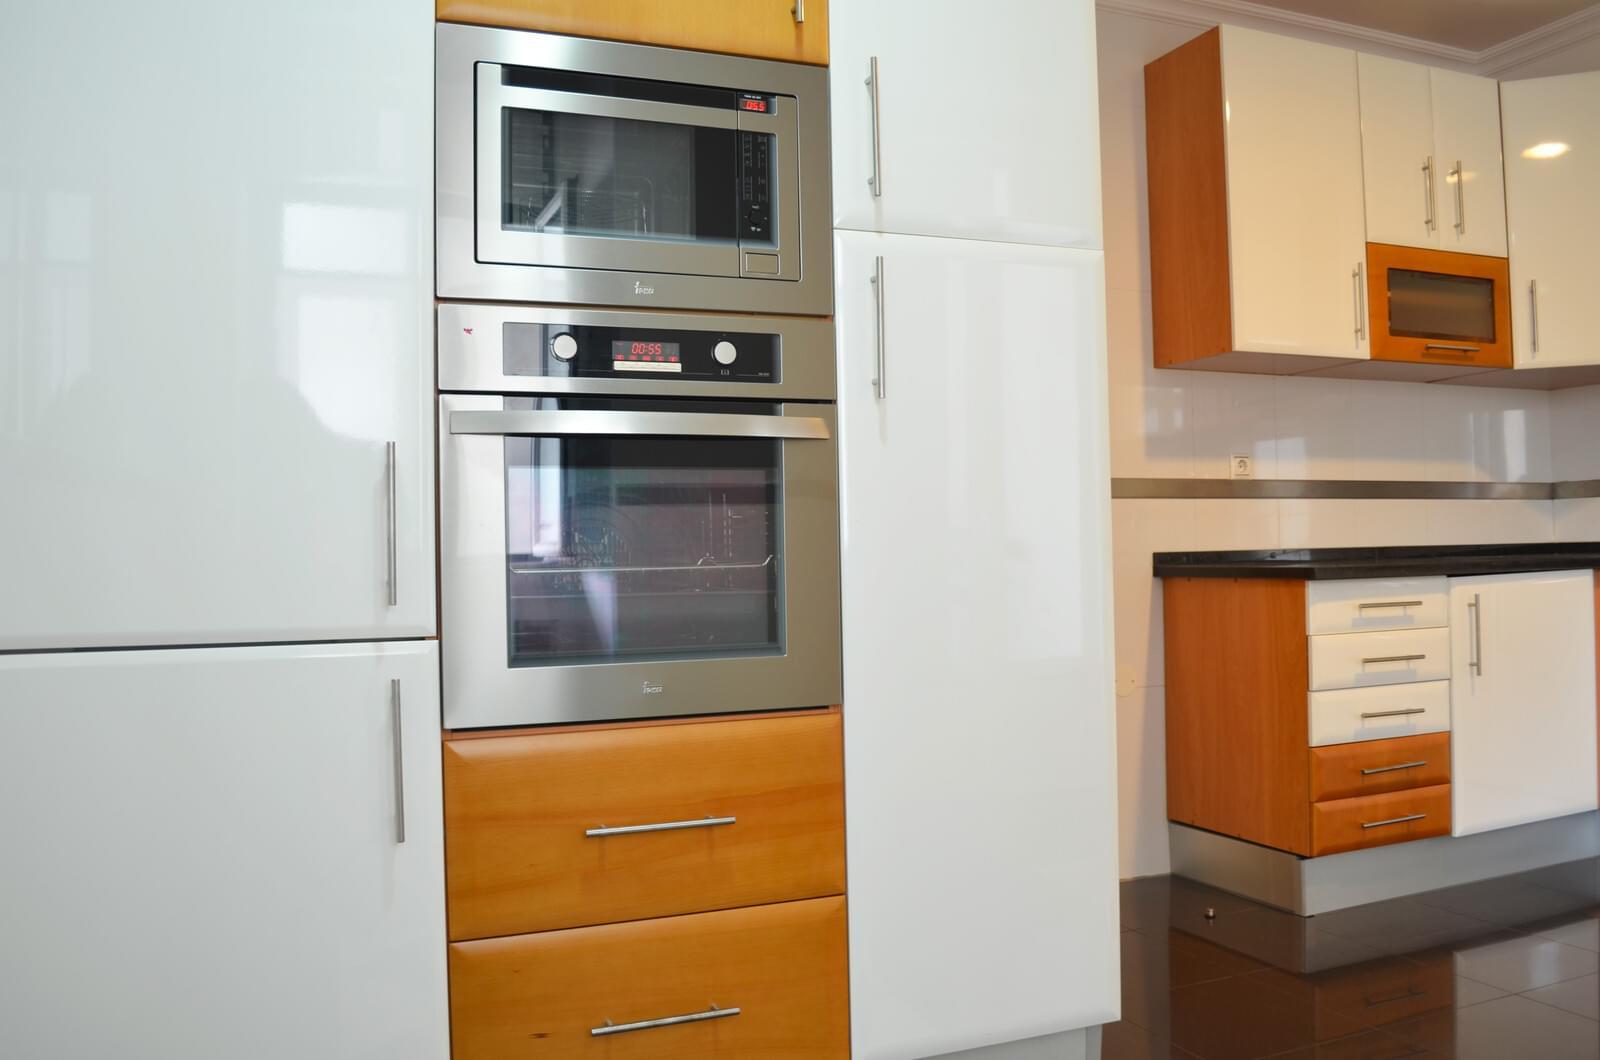 pf18839-apartamento-t2-lisboa-2b17298d-2616-49a8-9691-cac1f788c1fd